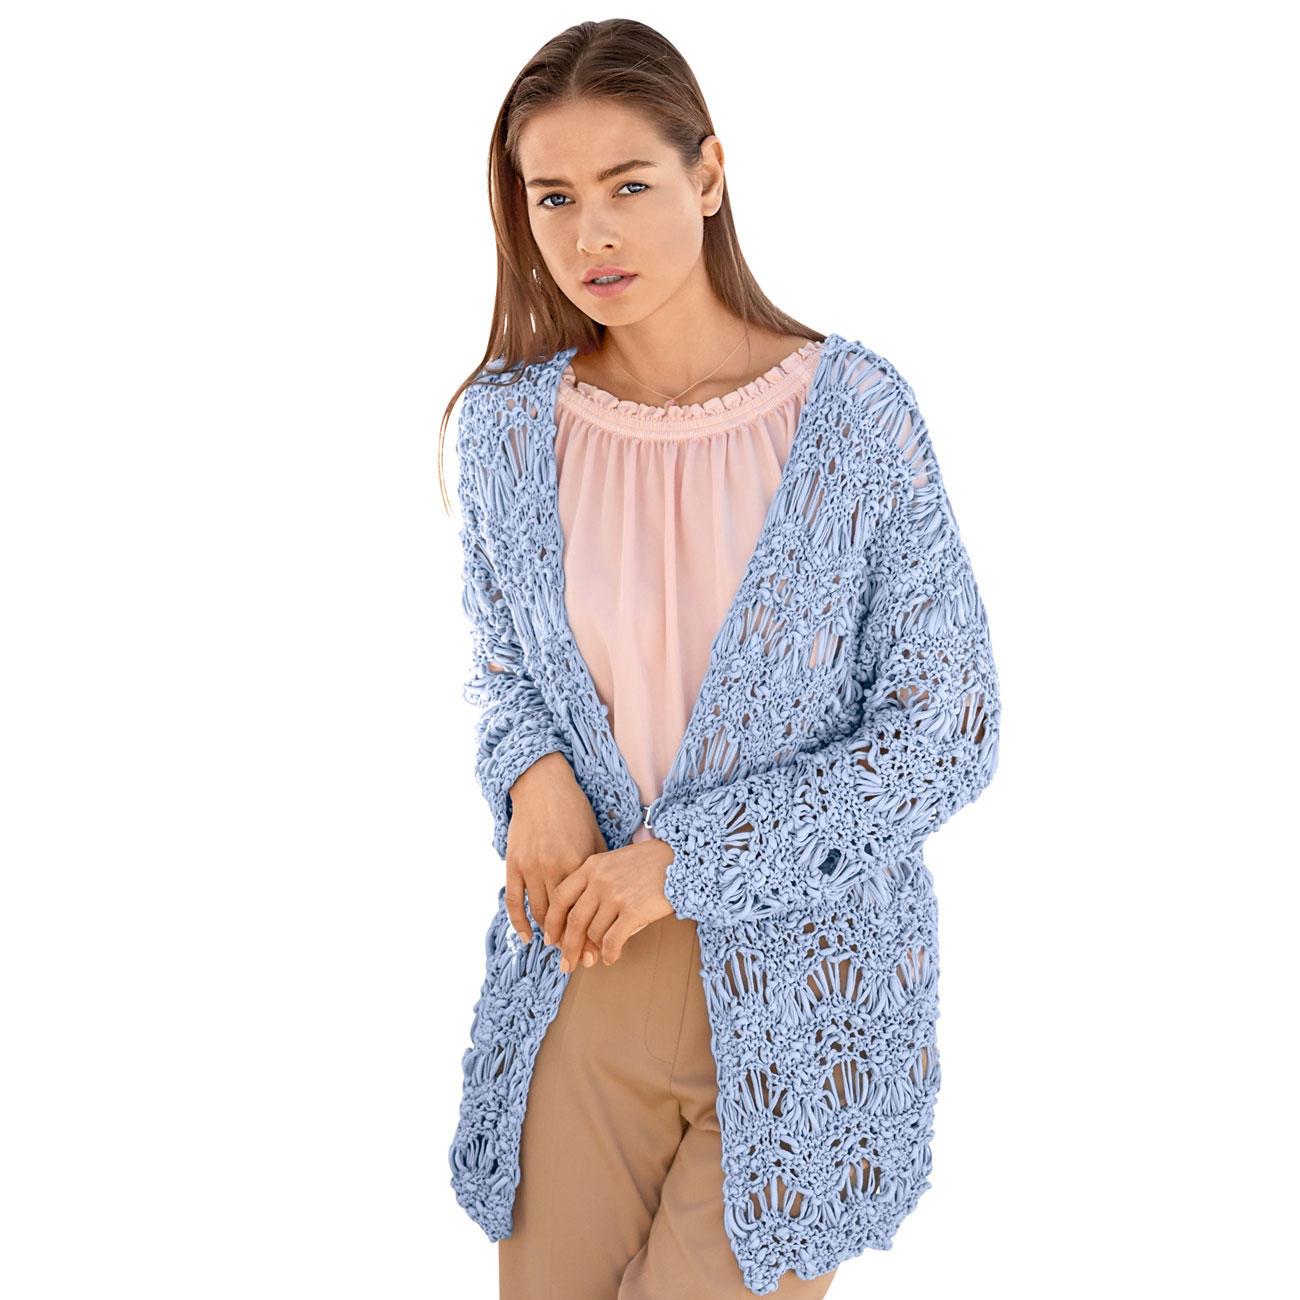 Anleitung 1168, Damen Jacke aus Cotton Style von Lana